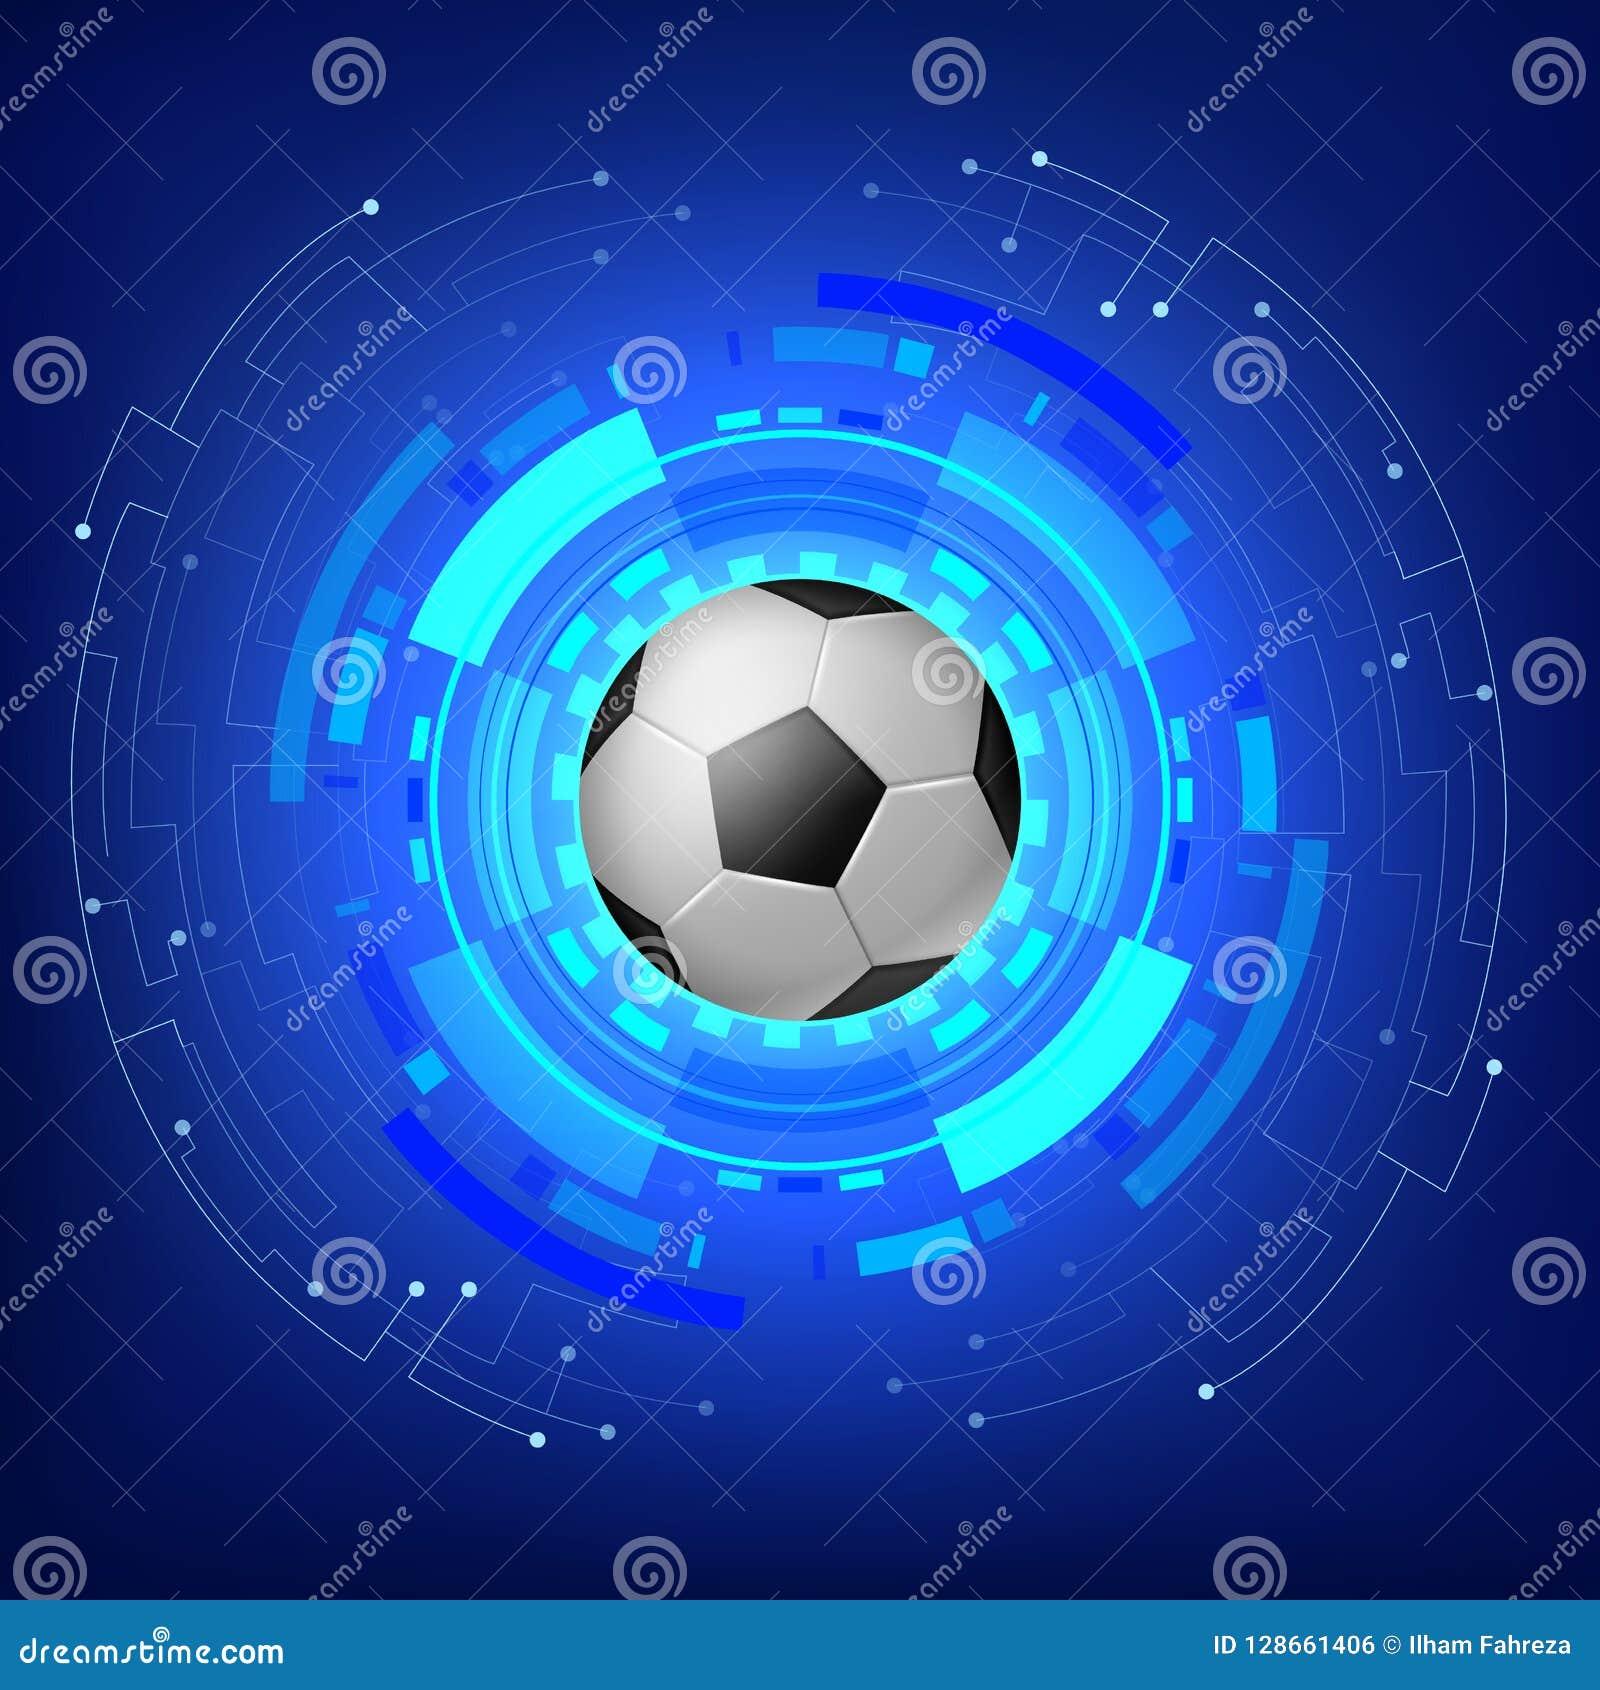 足球有技术现代背景